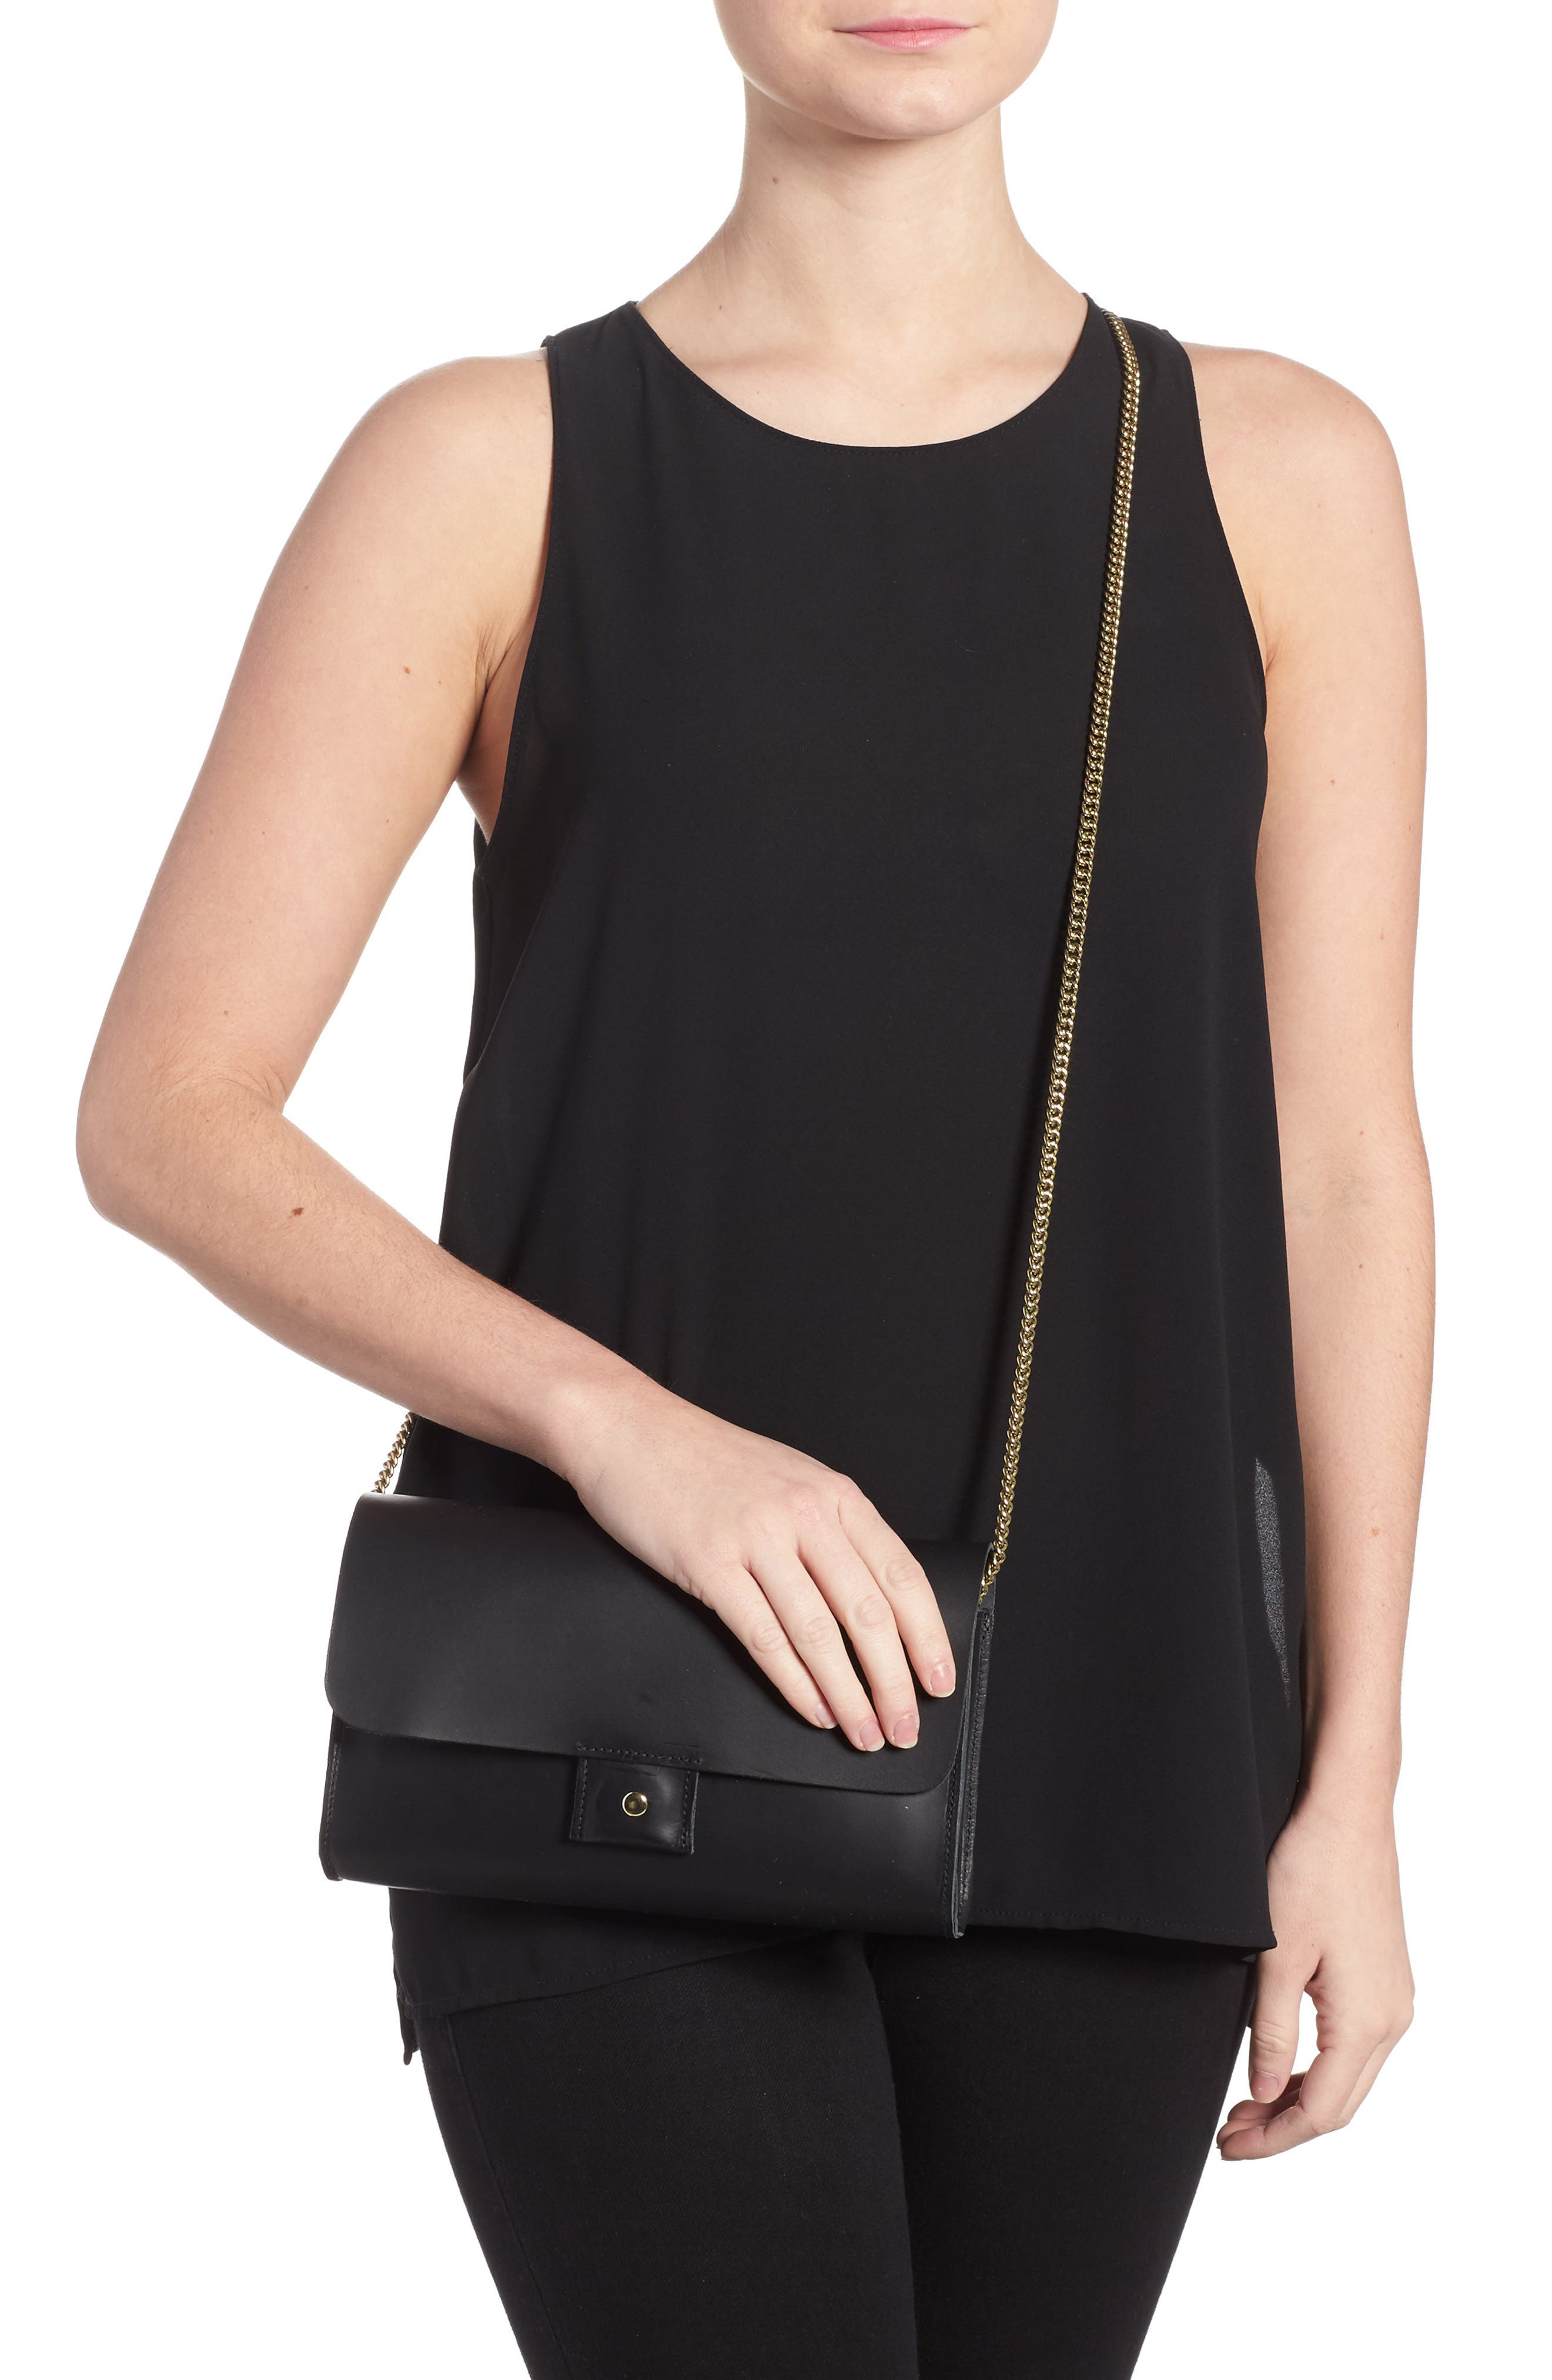 Colette Maison Leather Shoulder Bag,                             Alternate thumbnail 2, color,                             001